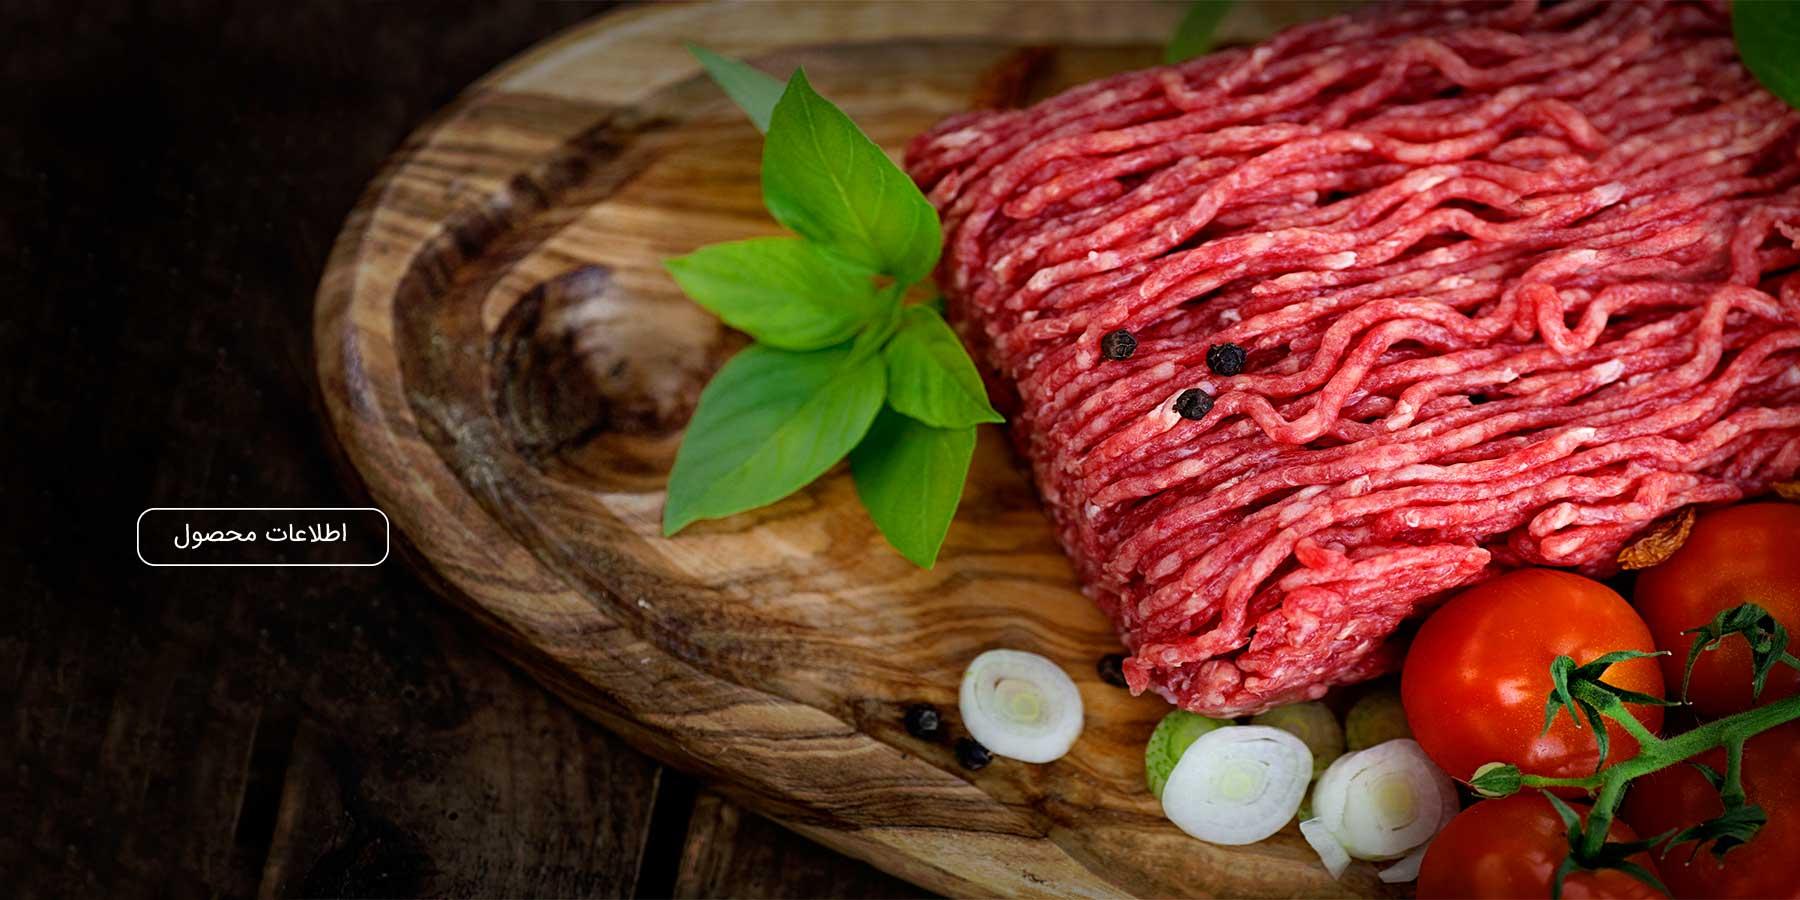 گوشت چرخ کرده تازه مهیا پروتئین